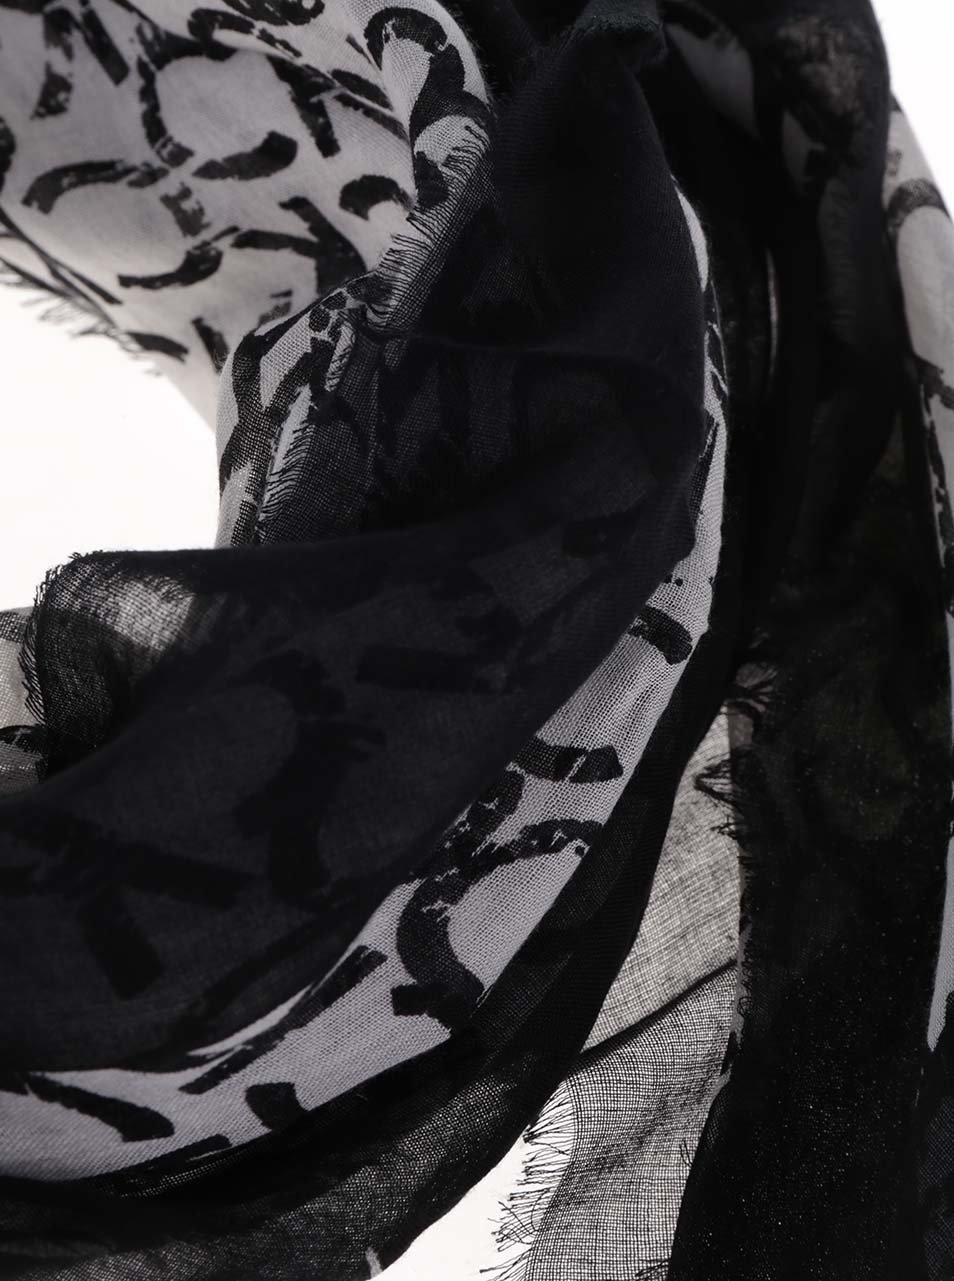 Krémovo-černý dámský vzorovaný šátek Calvin Klein ... 80715daf17